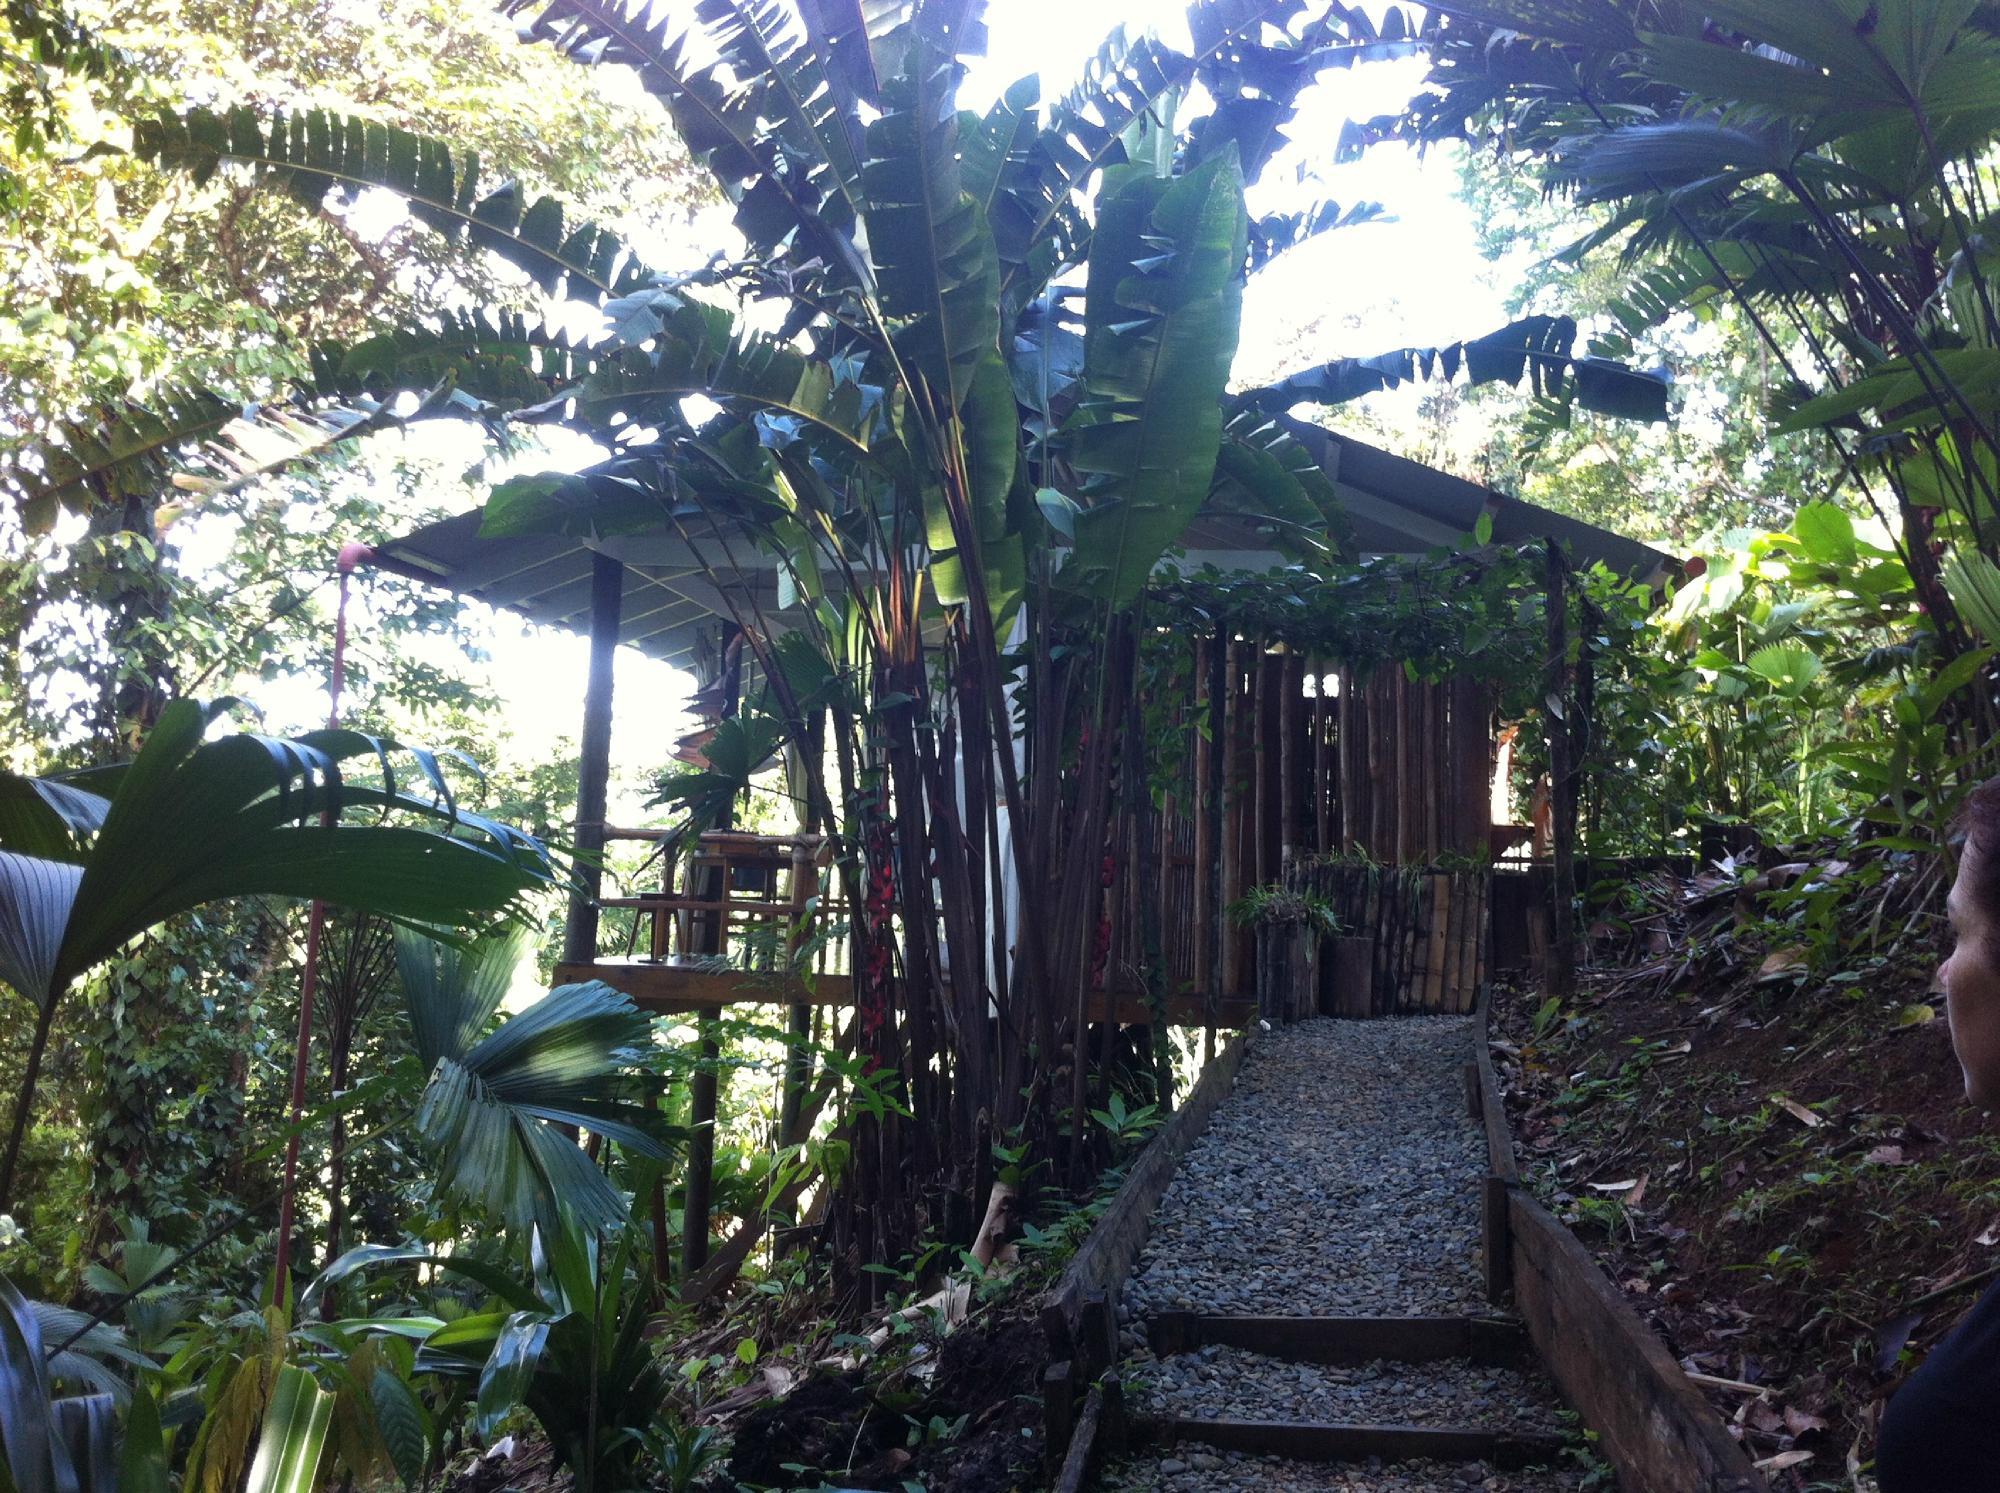 La Loma Jungle Lodge and Chocolate Farm